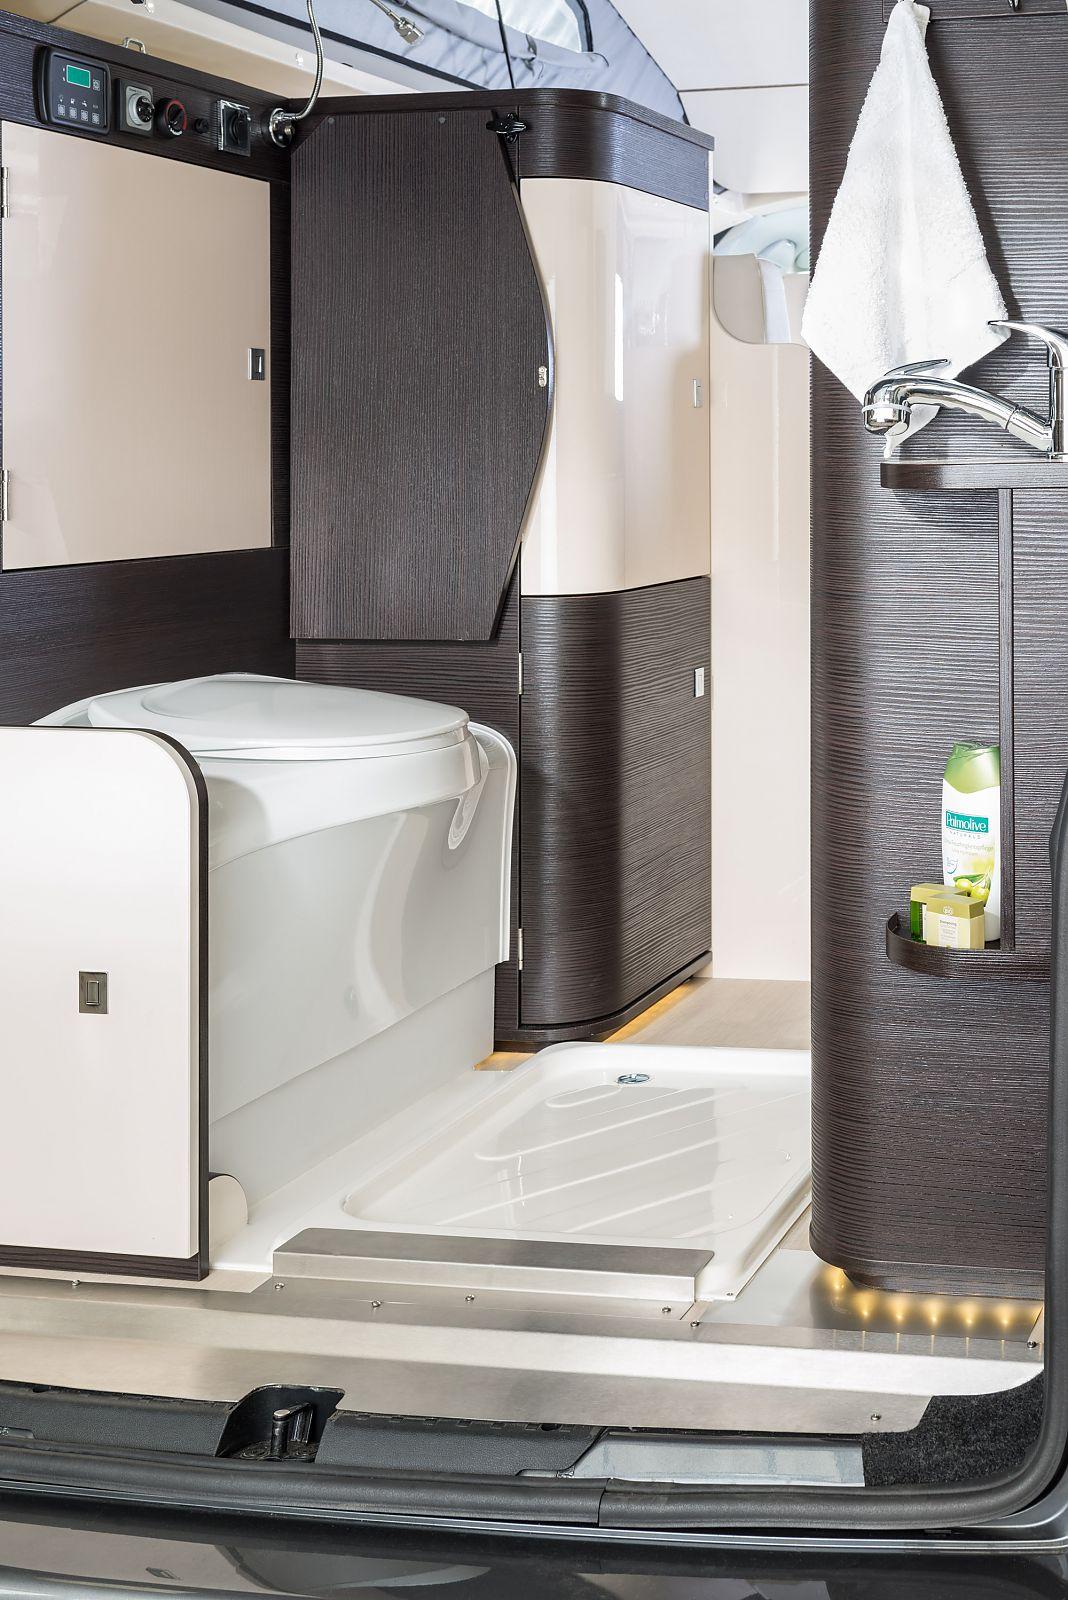 kepler one westfalia mobil gmbh. Black Bedroom Furniture Sets. Home Design Ideas